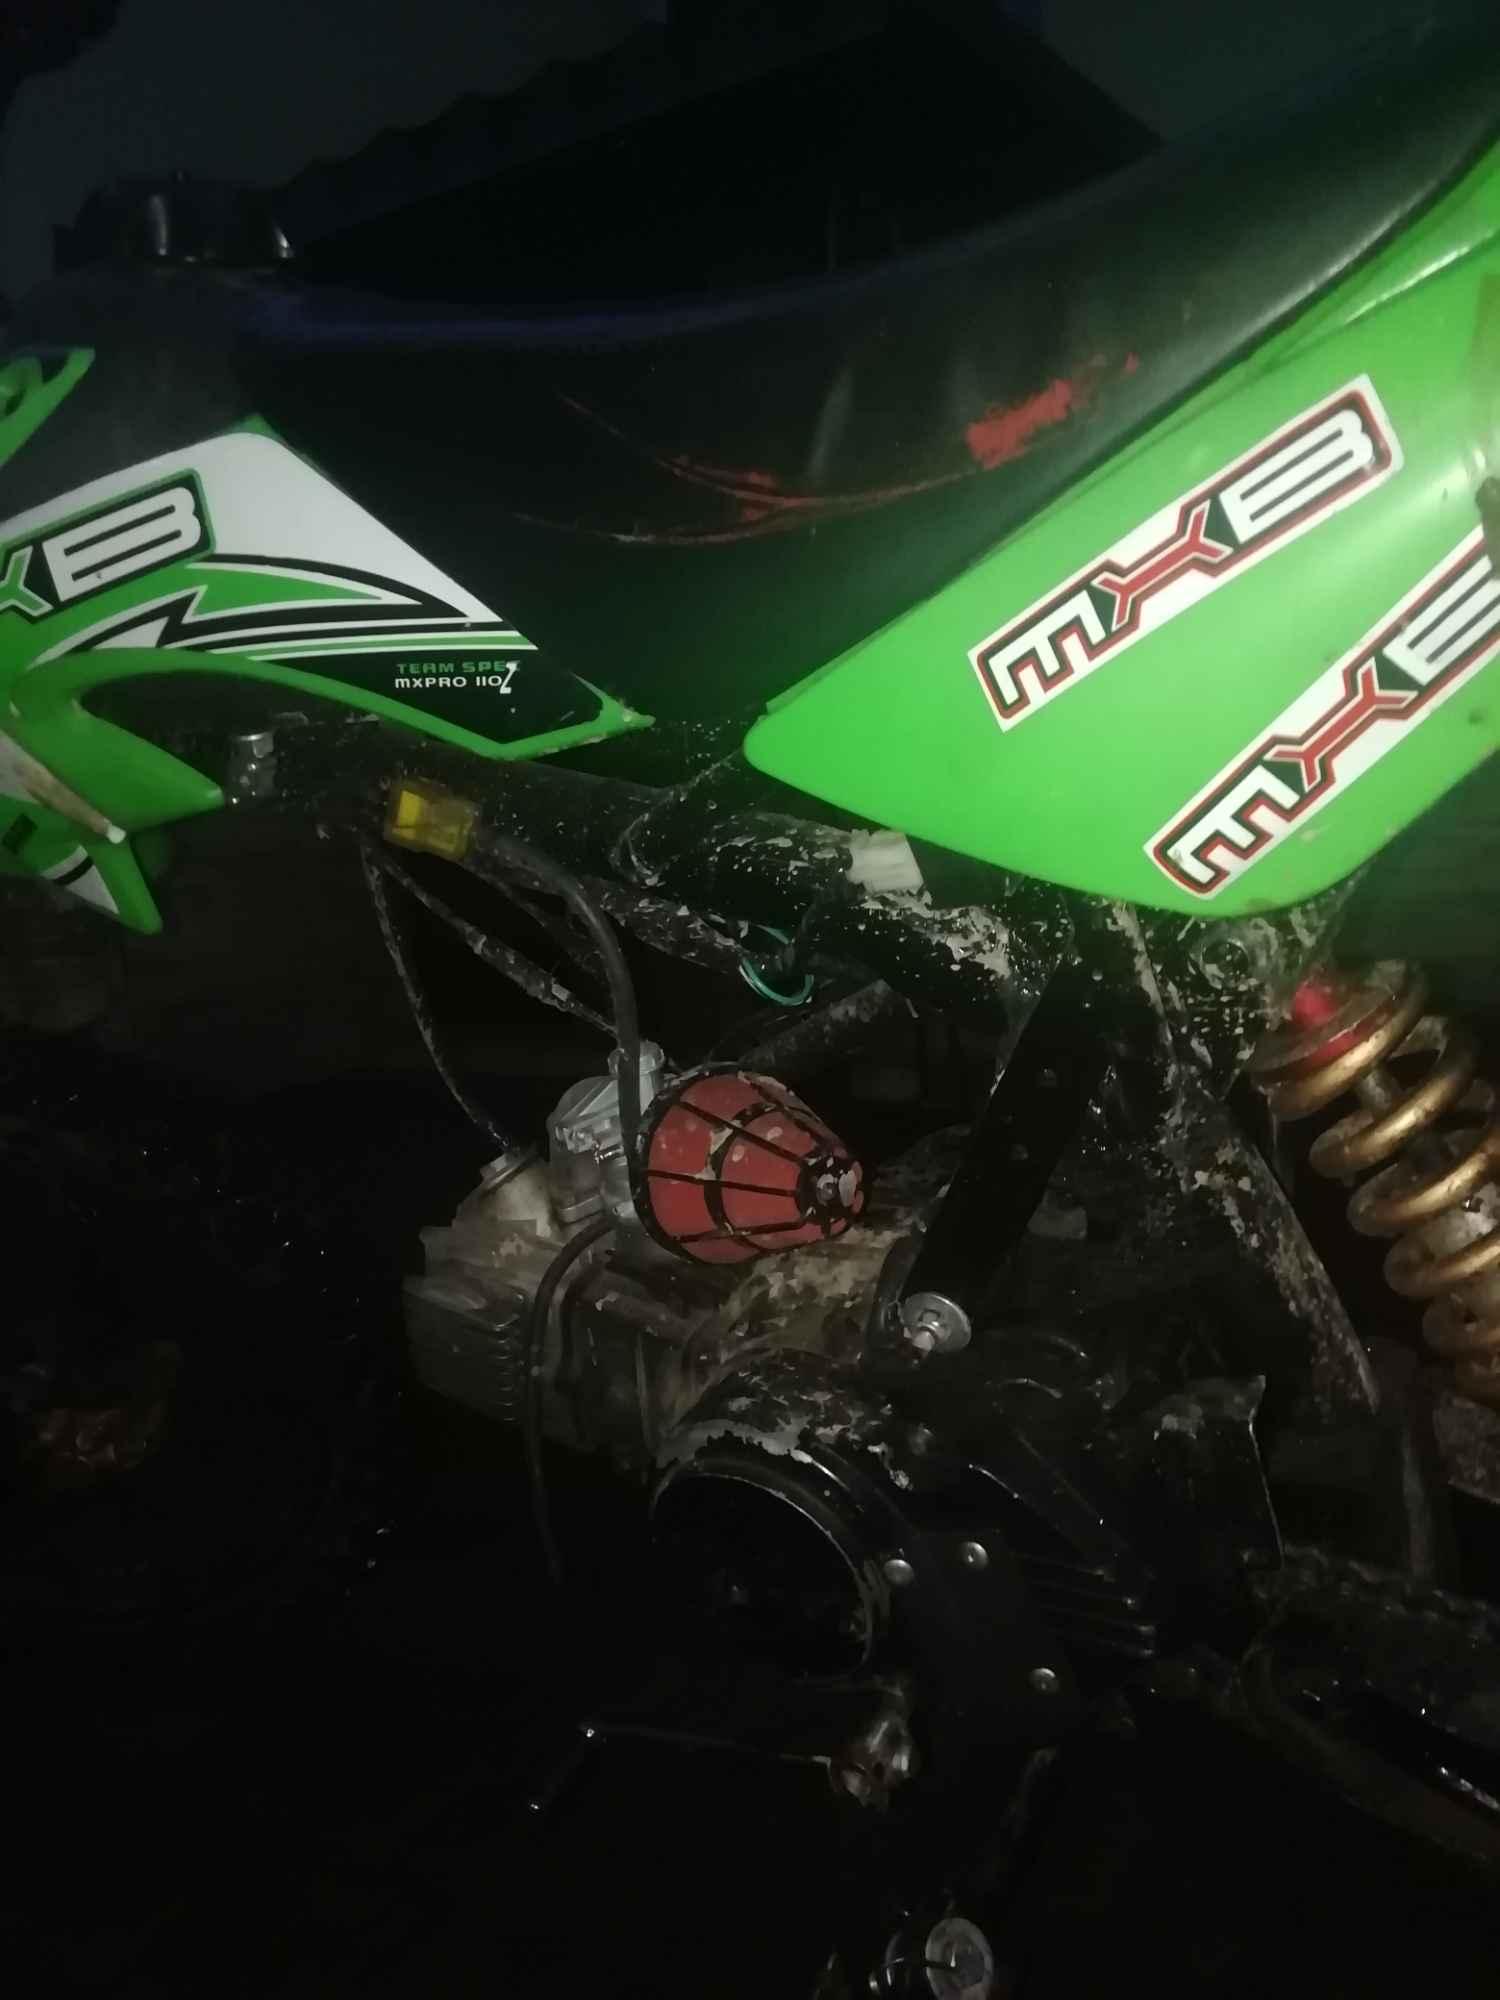 Cross pitbike110cm3 powiększona, wzmocniona rama nowe części Rzeszów - zdjęcie 3